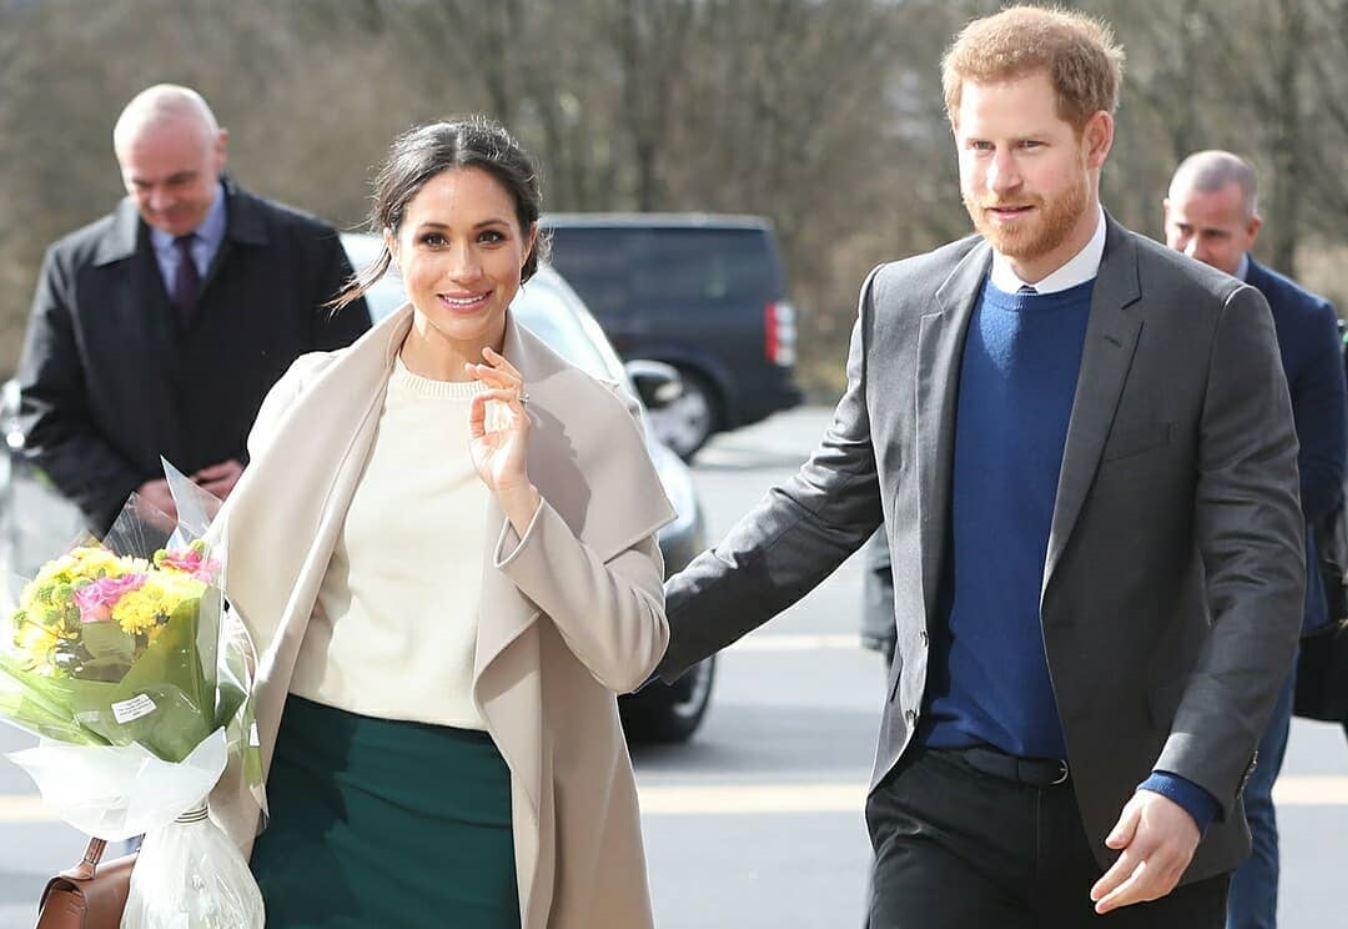 Sa do kushtojë dasma e Princ Harryt ne 2640 të ftuar? Zbulohet shifra kolosale